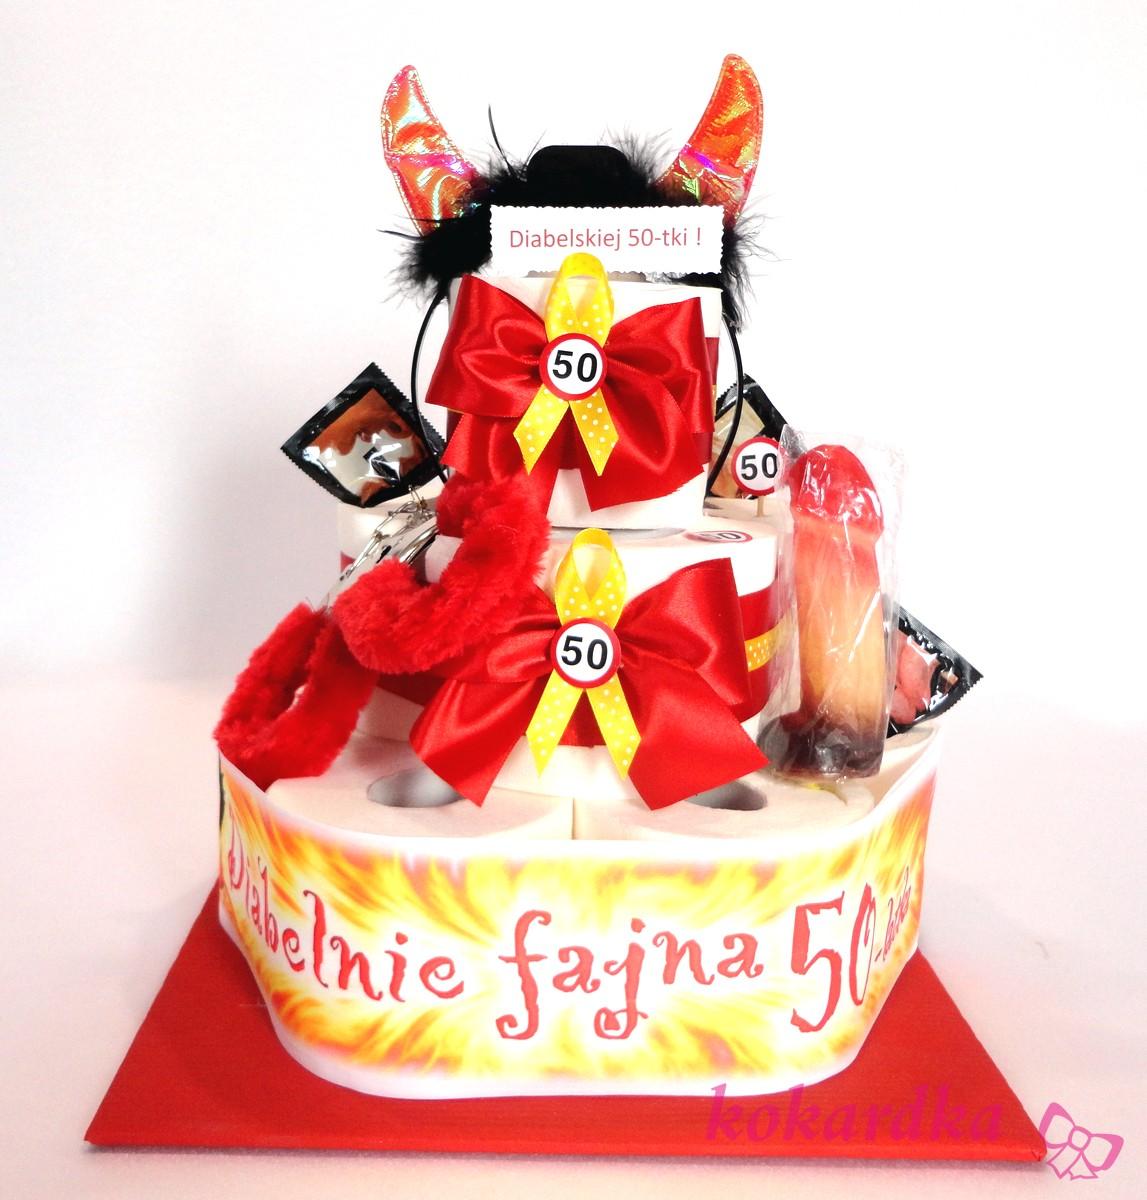 Chwalebne Śmieszny Tort Urodzinowy Diabelskiej 50-tki dla Kobiety ⋆ Kokardka QV85